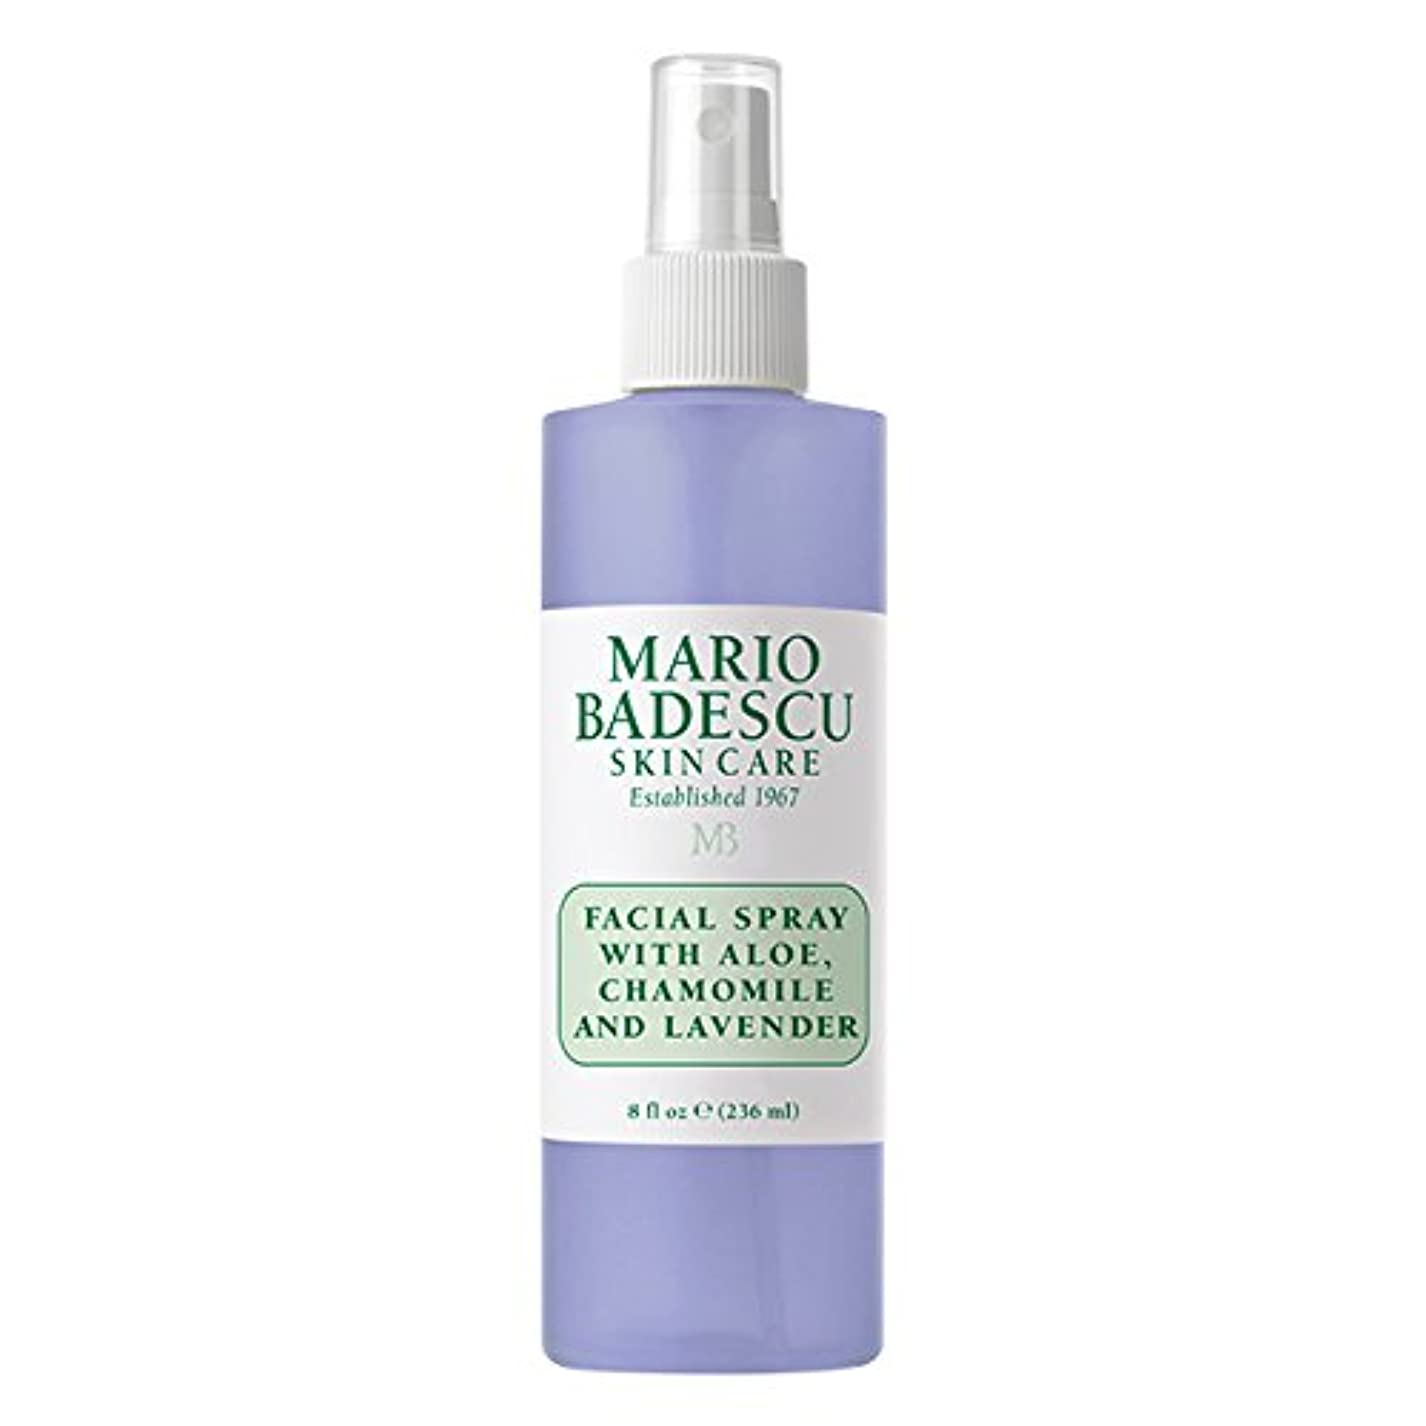 思いやりのある楕円形回復するマリオ バデスク Facial Spray With Aloe, Chamomile & Lavender 236ml/8oz並行輸入品